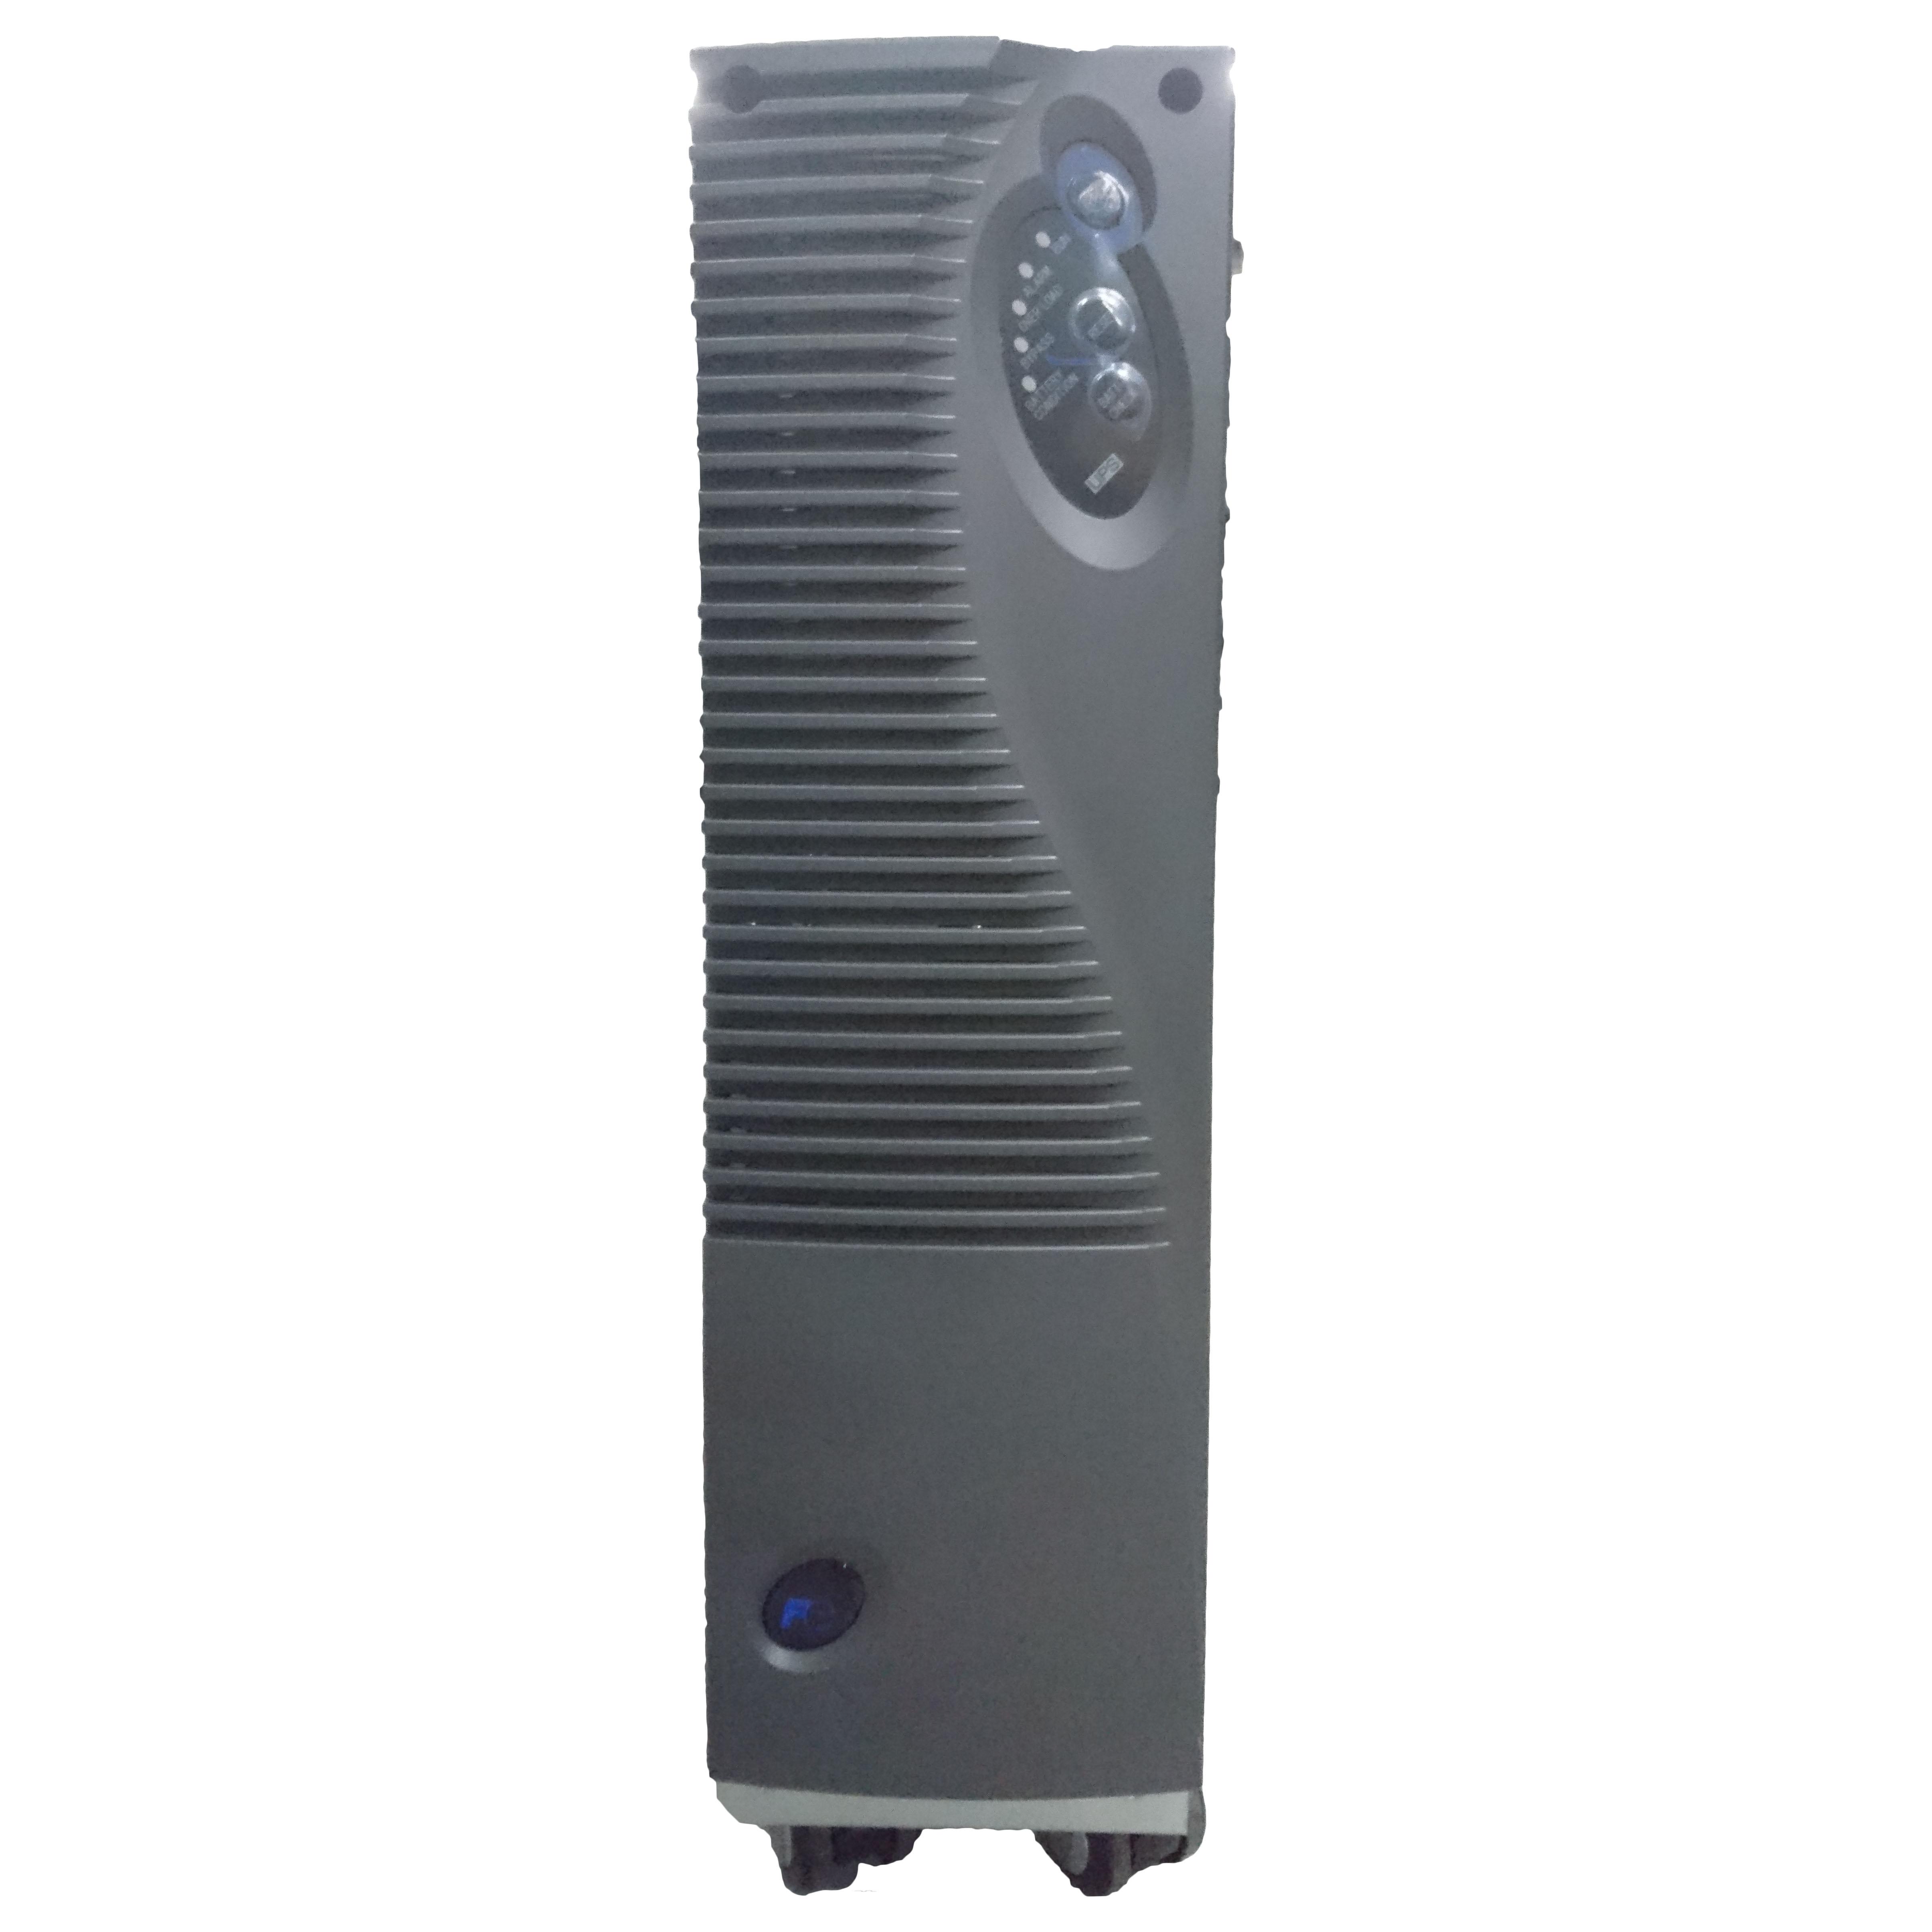 M-UPS050AD2C-UC 無停電電源装置